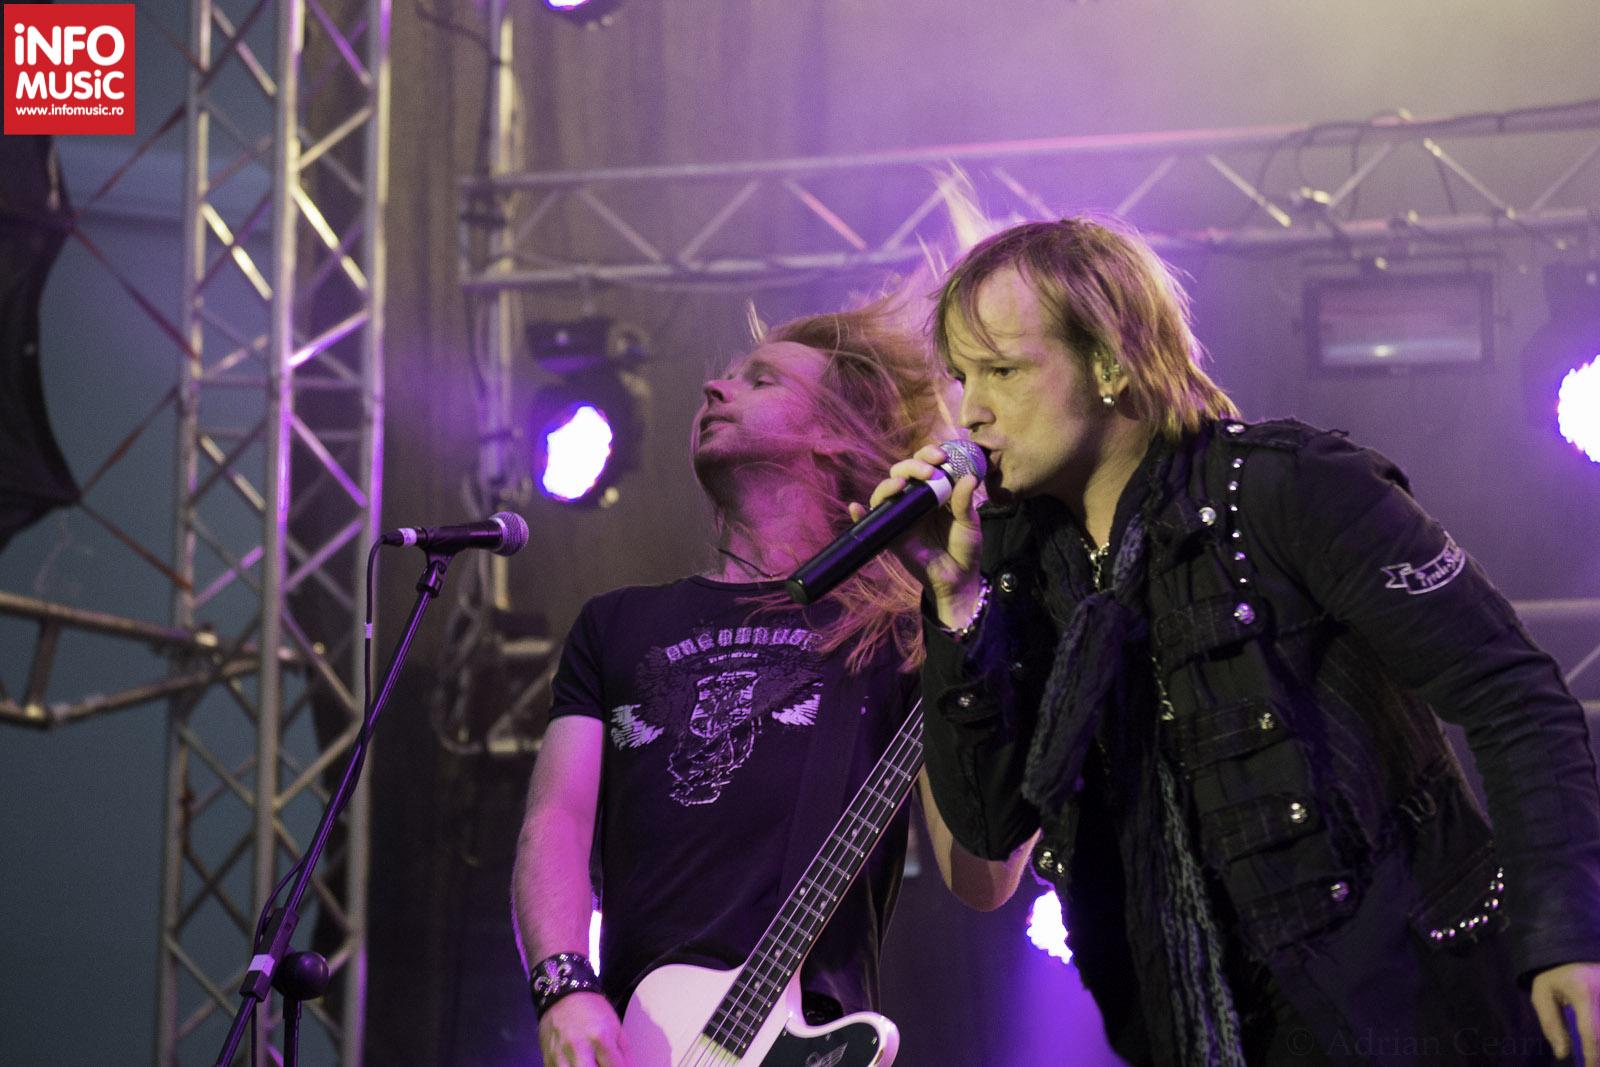 Trupa EDGUY in concert la ARTmania Festival 2012